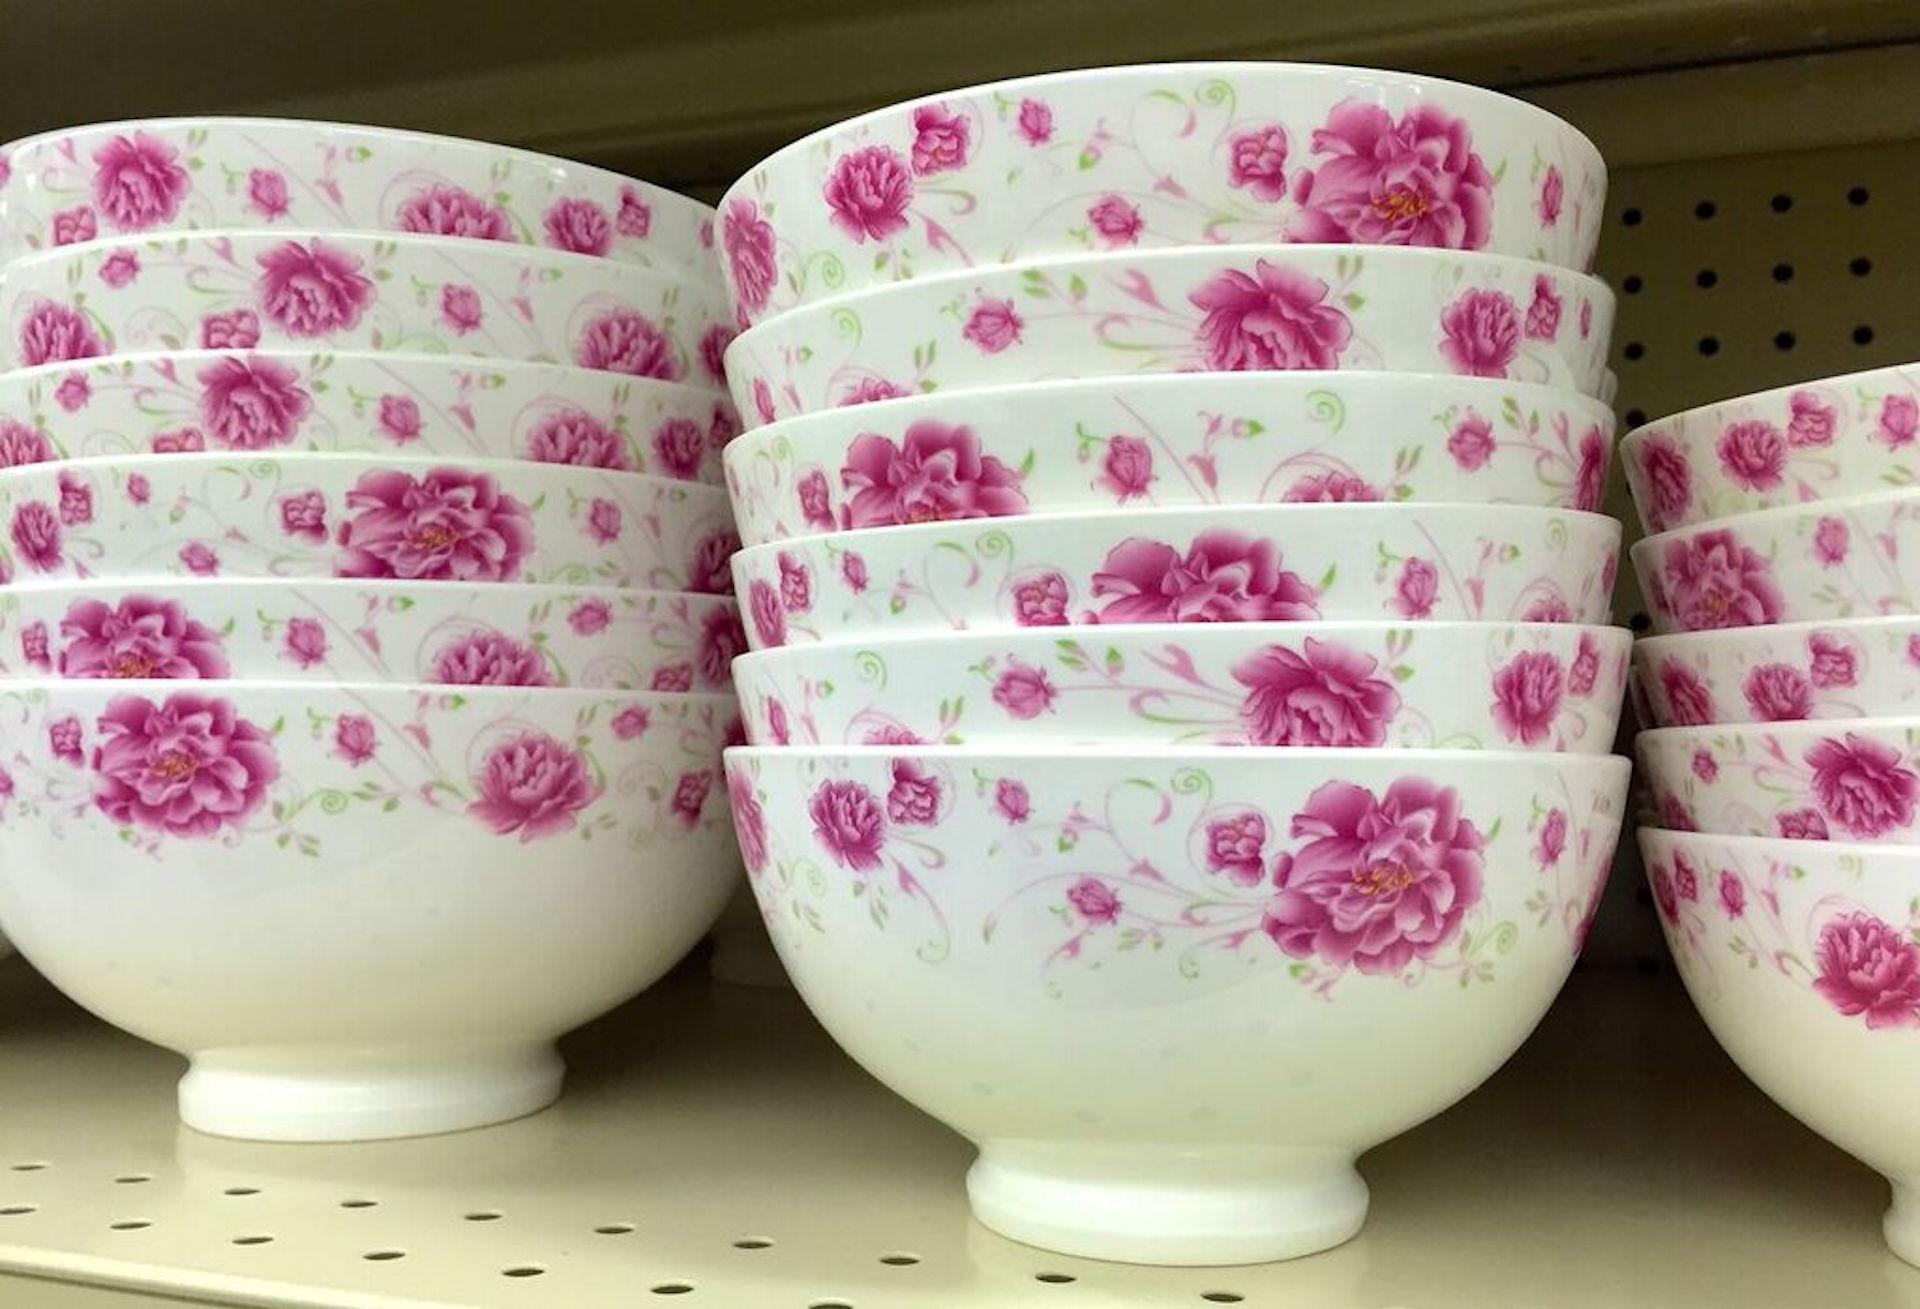 Pink floral bowls